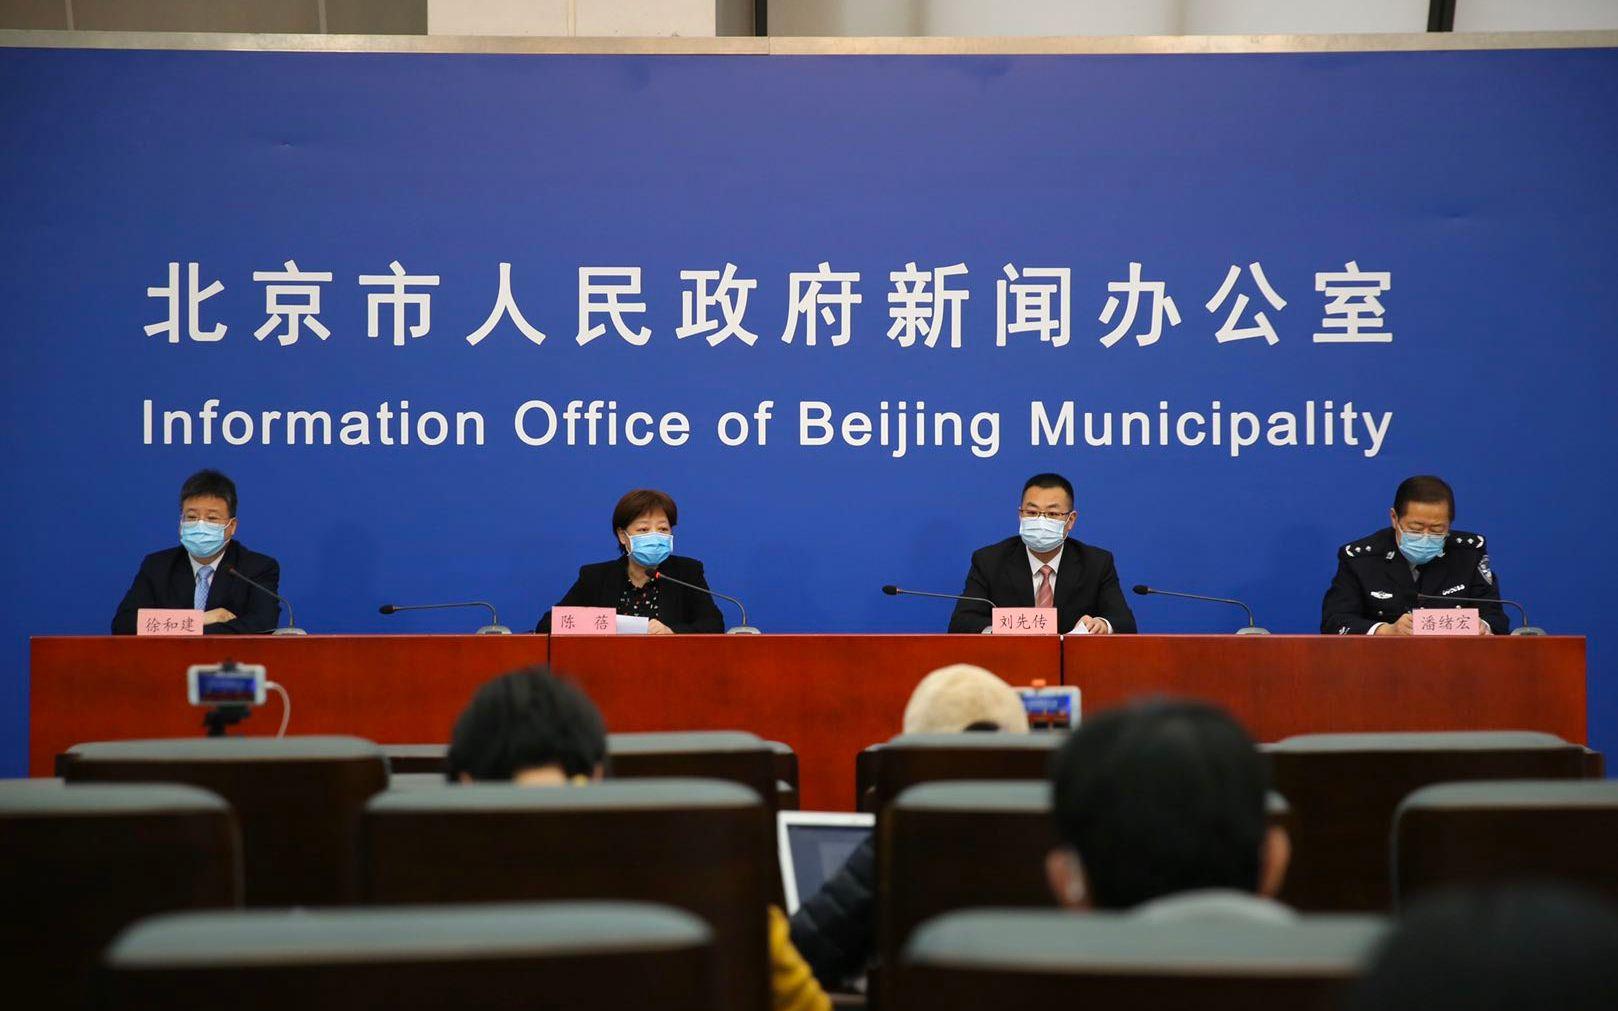 武汉刑释人员到京、某单位现聚集疫情……北京发布会回应图片